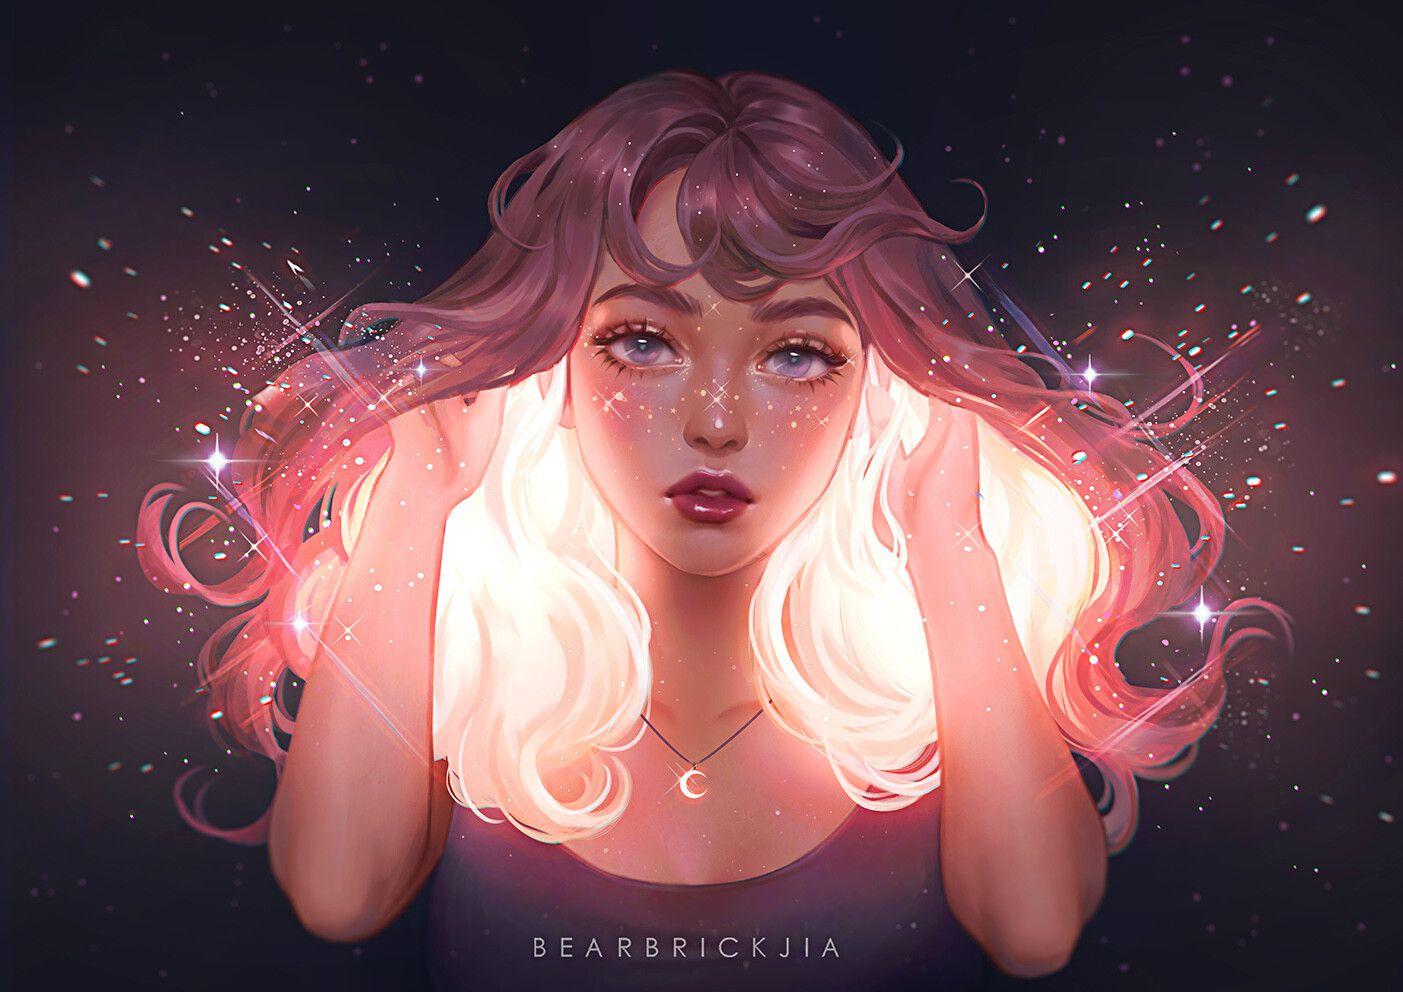 Illustration de Bearbrickjia